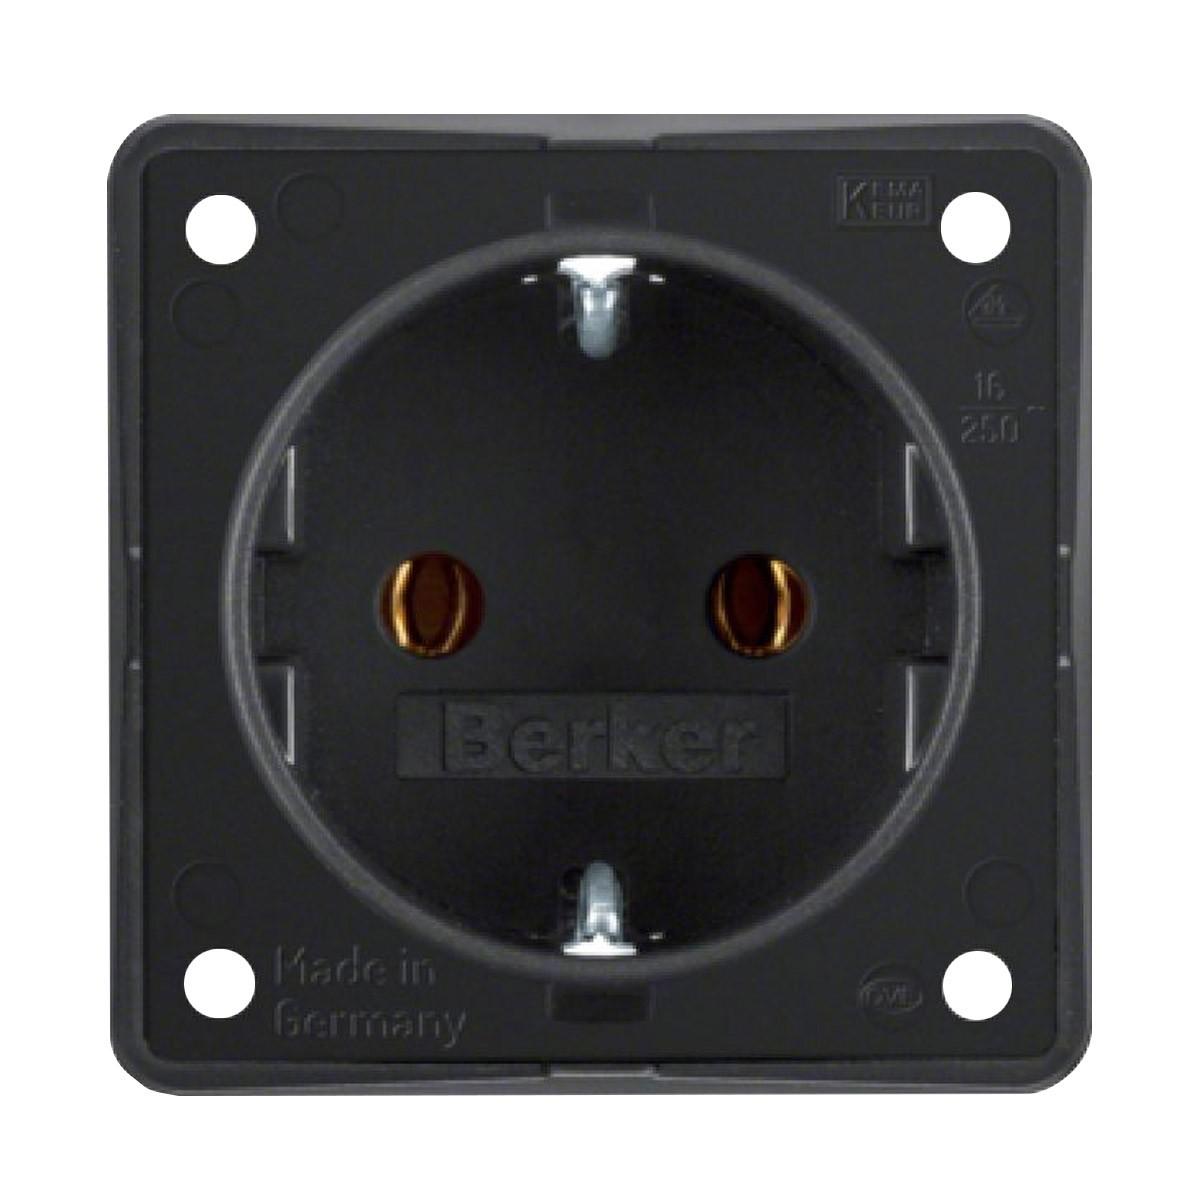 BERKER Schuko Socket 250V 16A IP20 Black